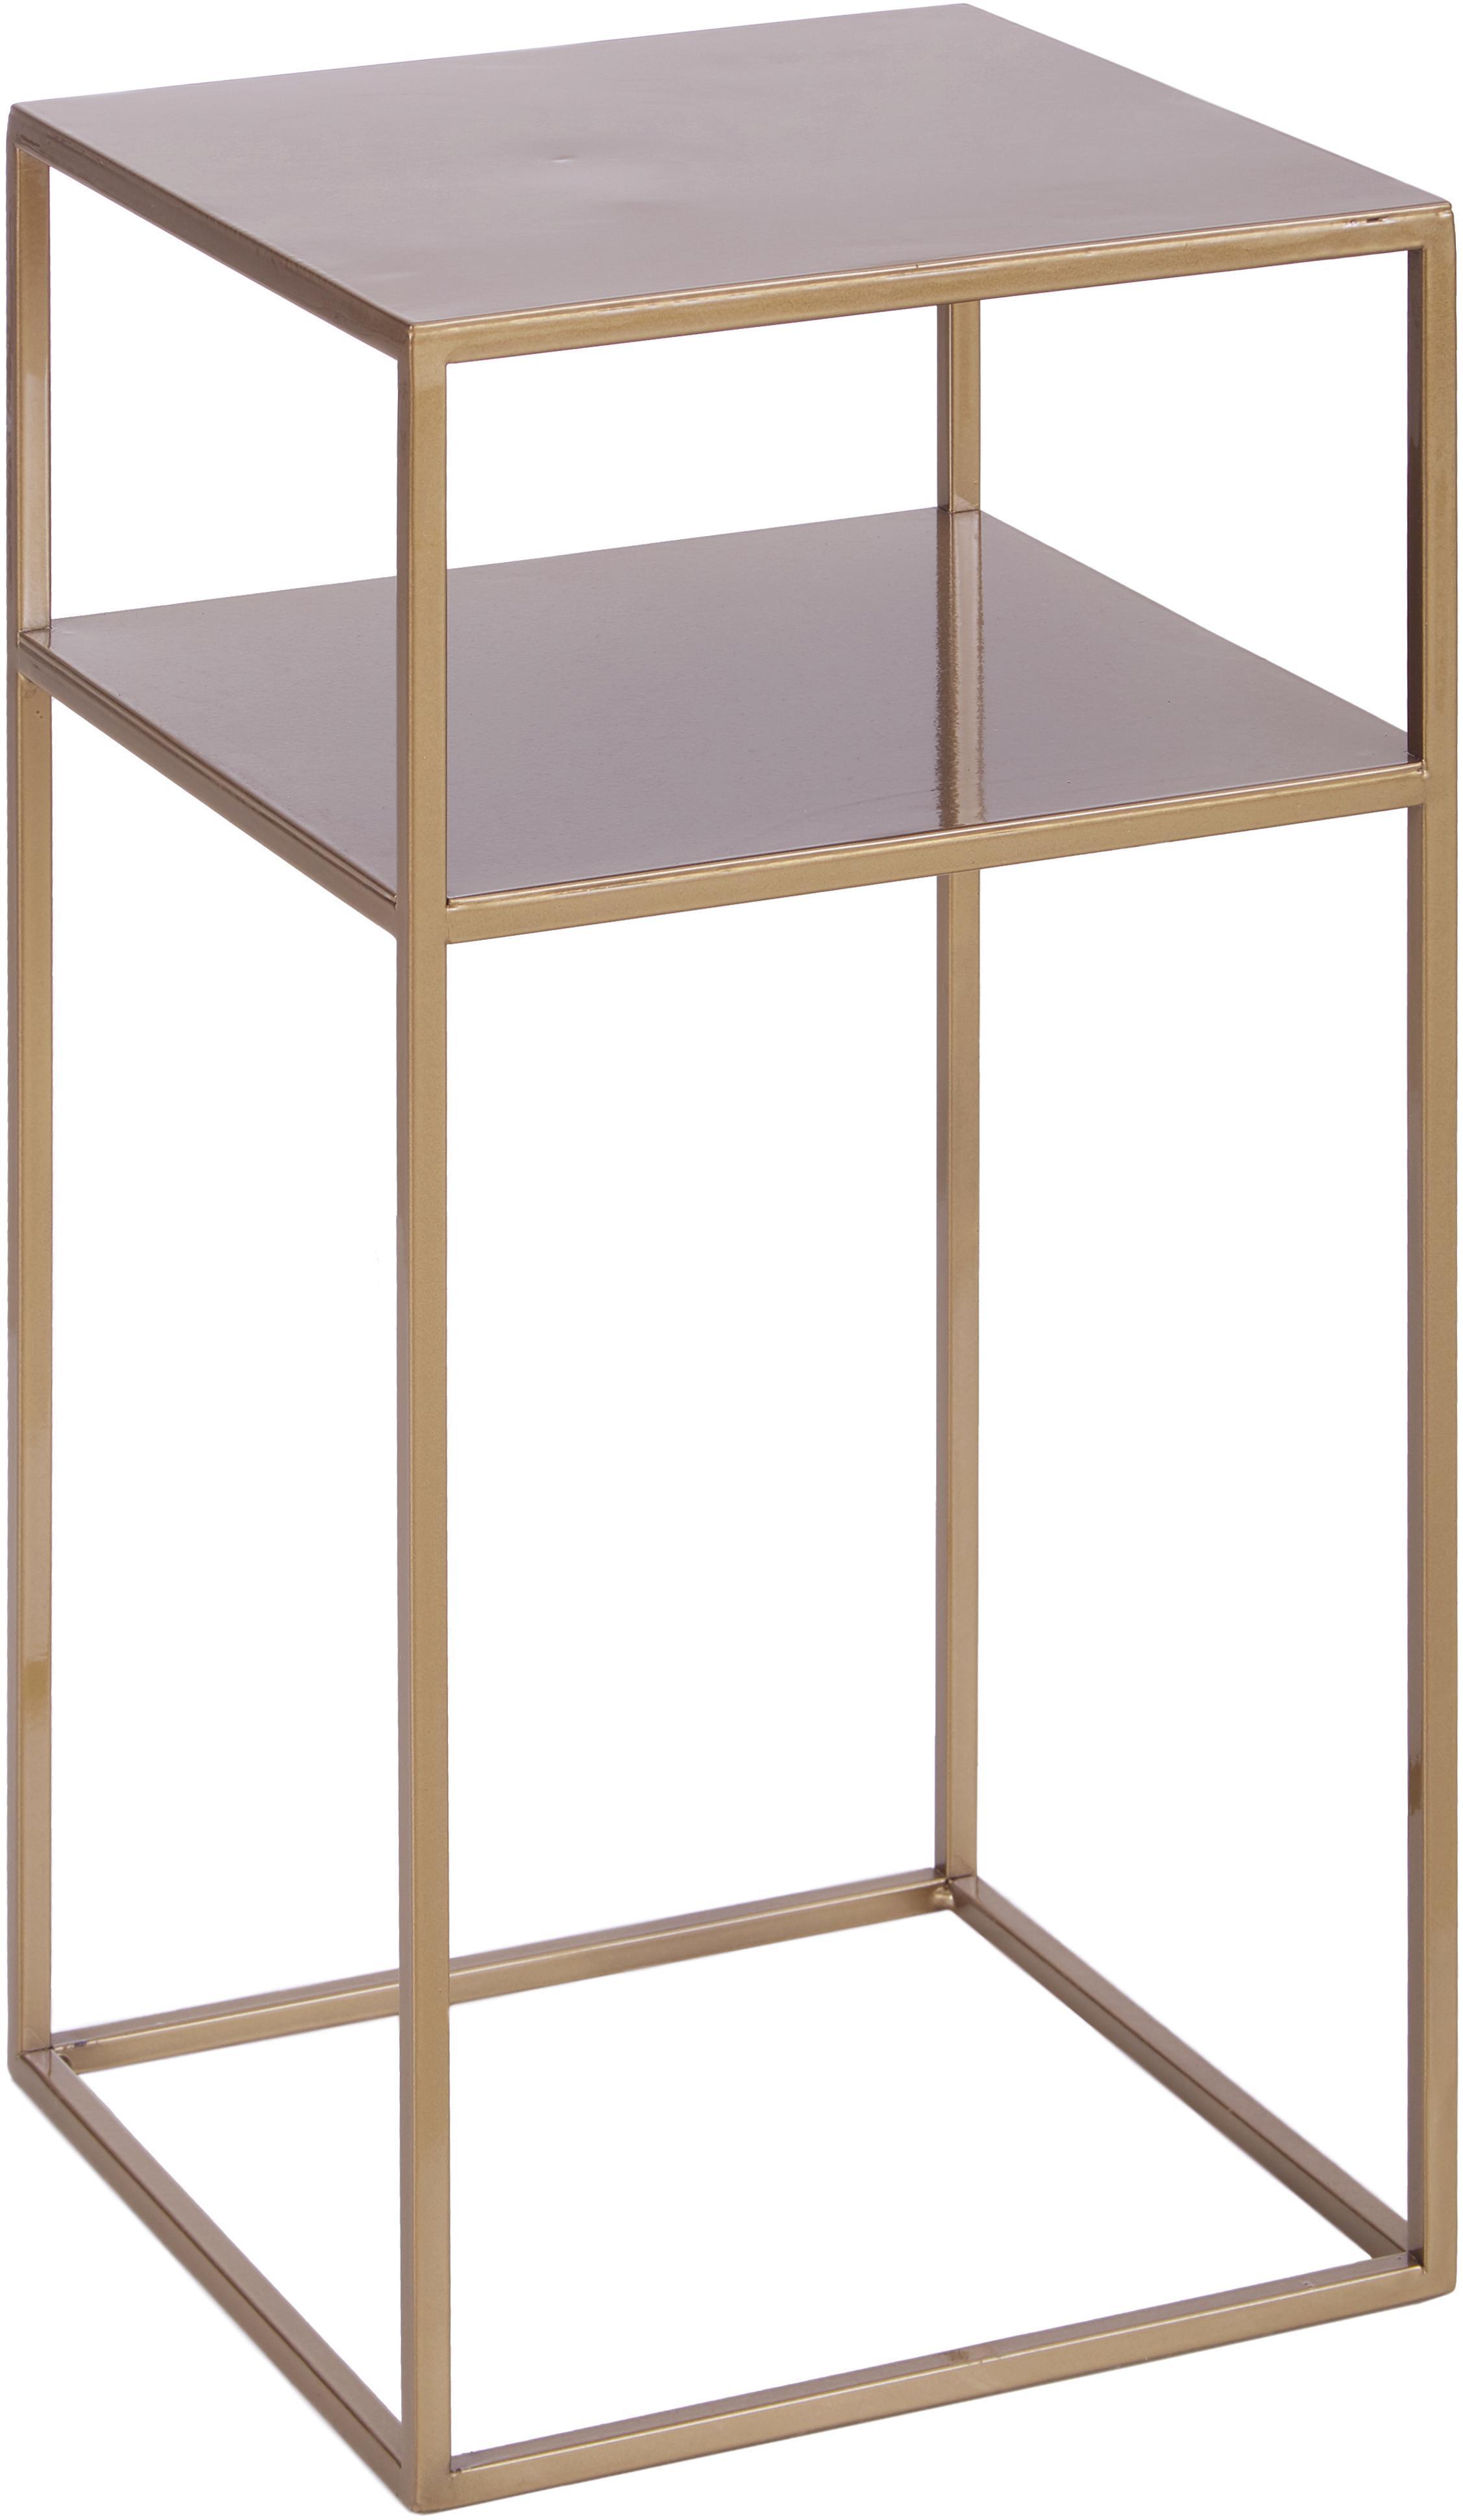 Metalen bijzettafel Tensio Oli in messingkleur, Gepoedercoat metaal, Messingkleurig, B 30 x D 30 cm